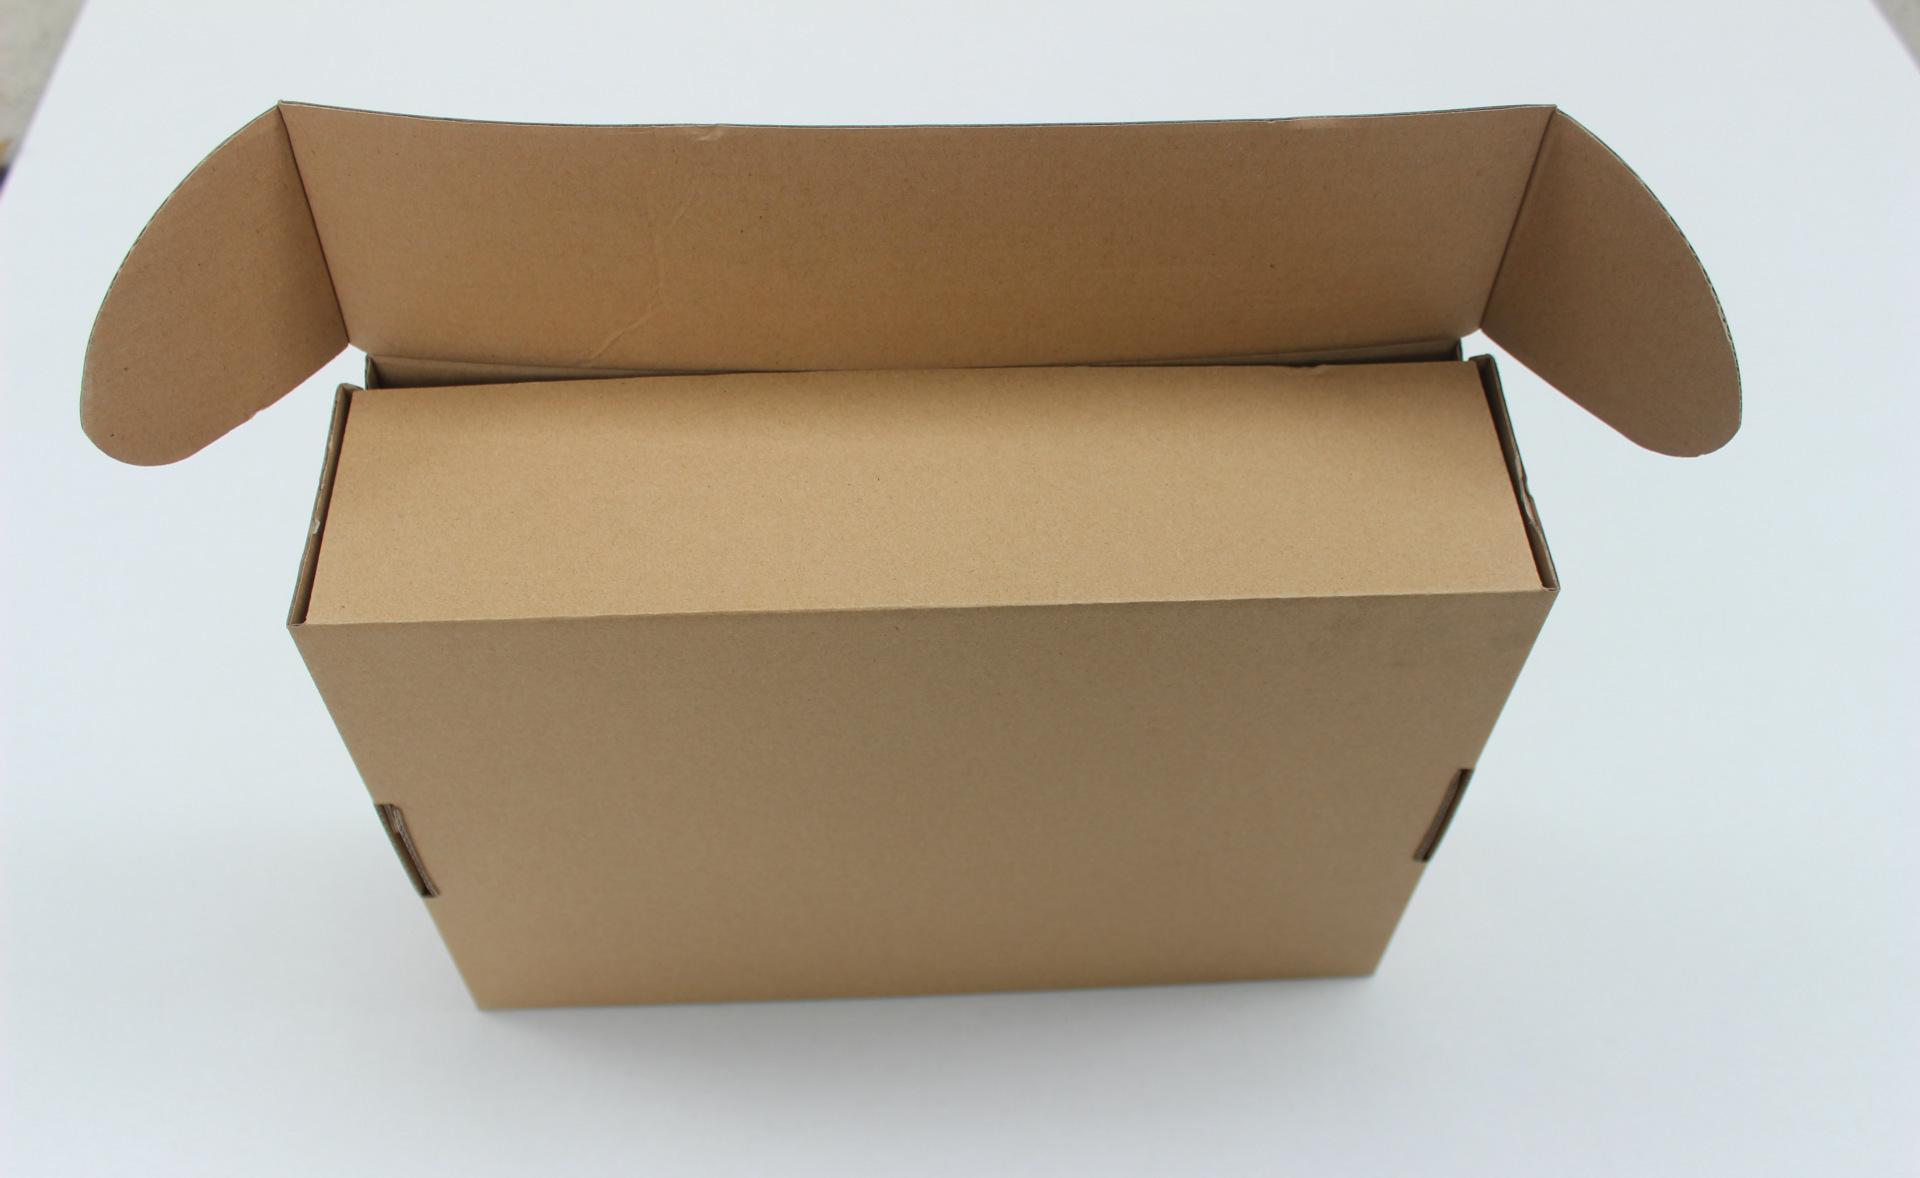 飞机盒销售|飞机盒哪家便宜